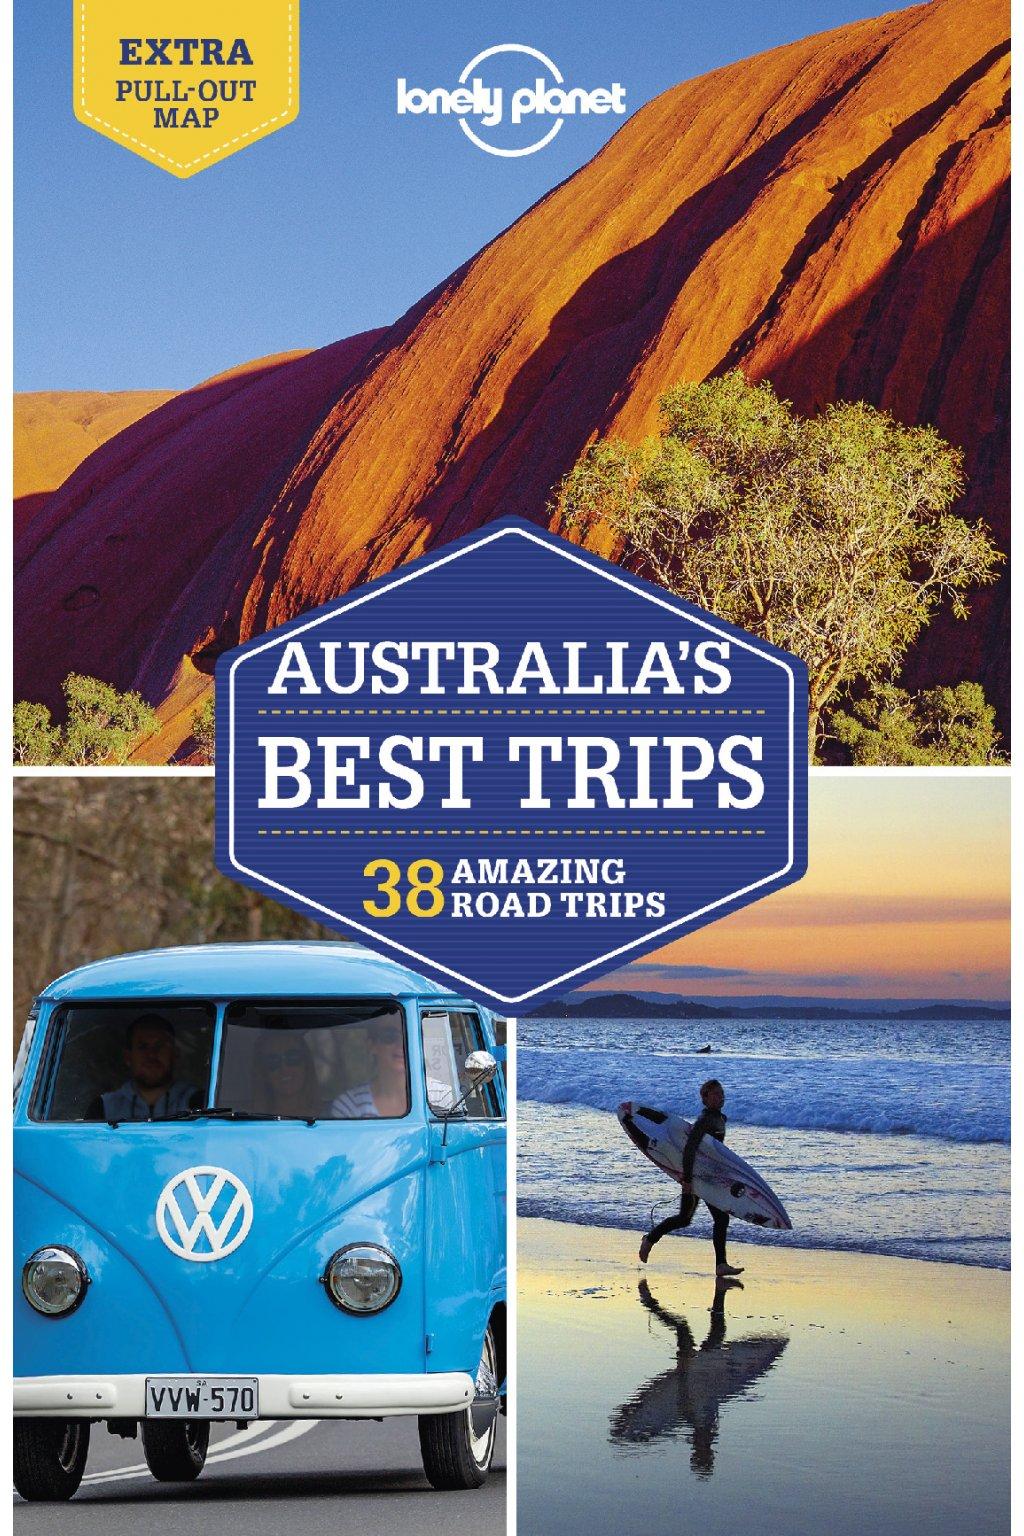 55537 Australia Best Trips 9781786574947